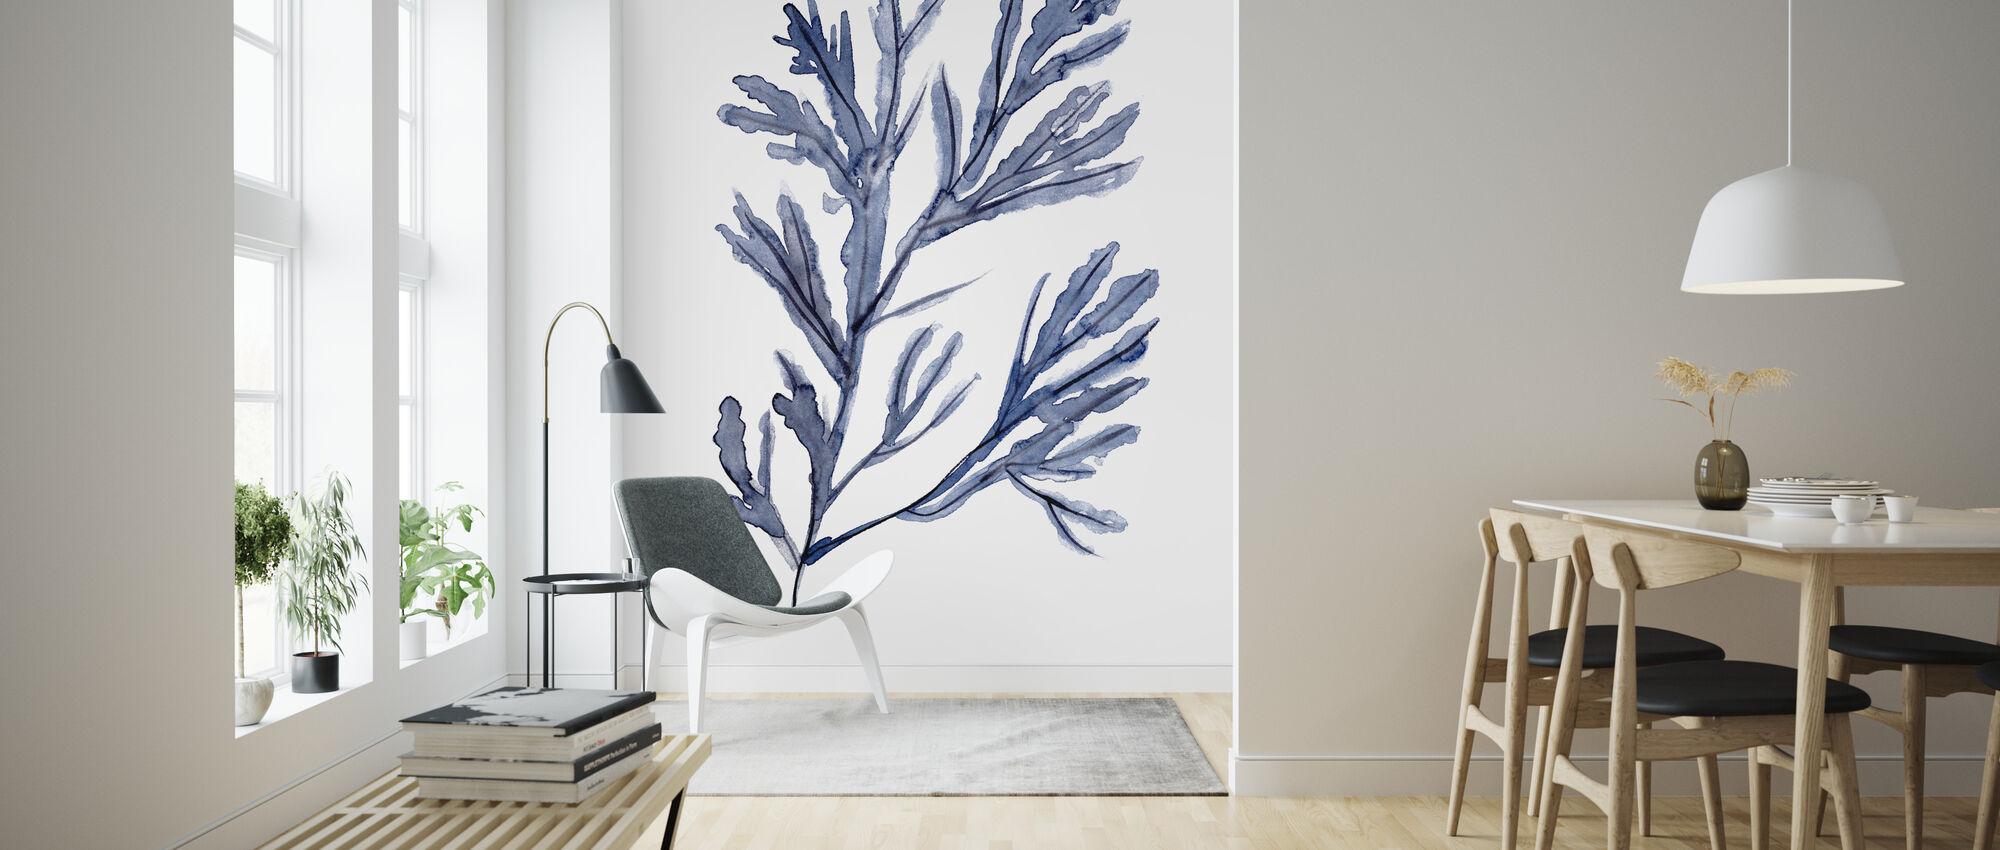 Seaweed Under Water - Wallpaper - Living Room